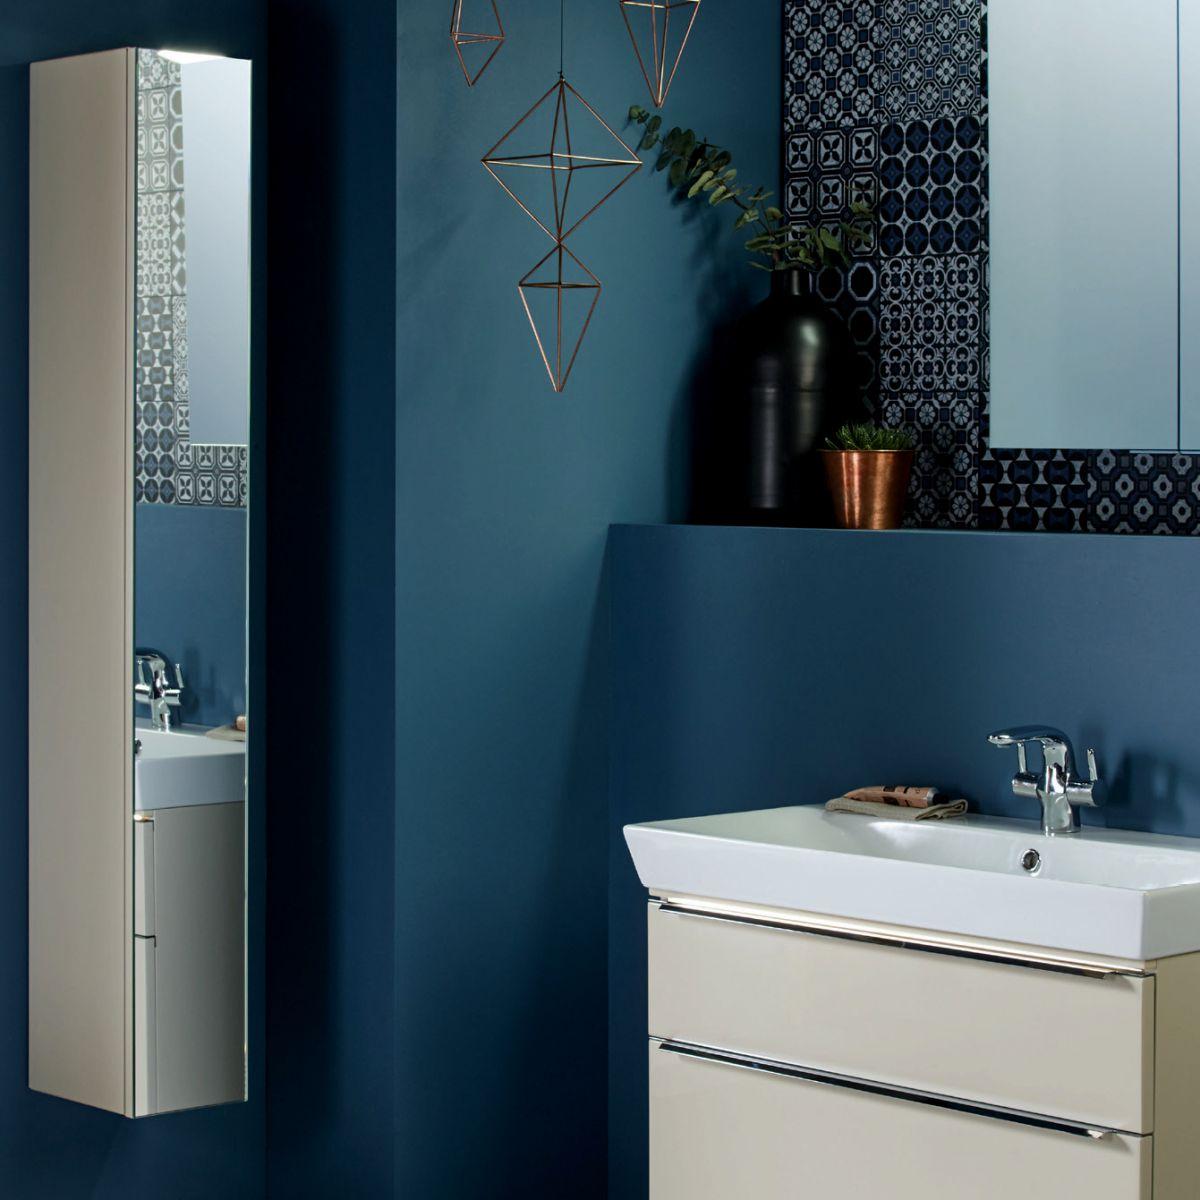 Roper Rhodes Scheme Tall Mirrored Storage Cabinet Uk Bathrooms